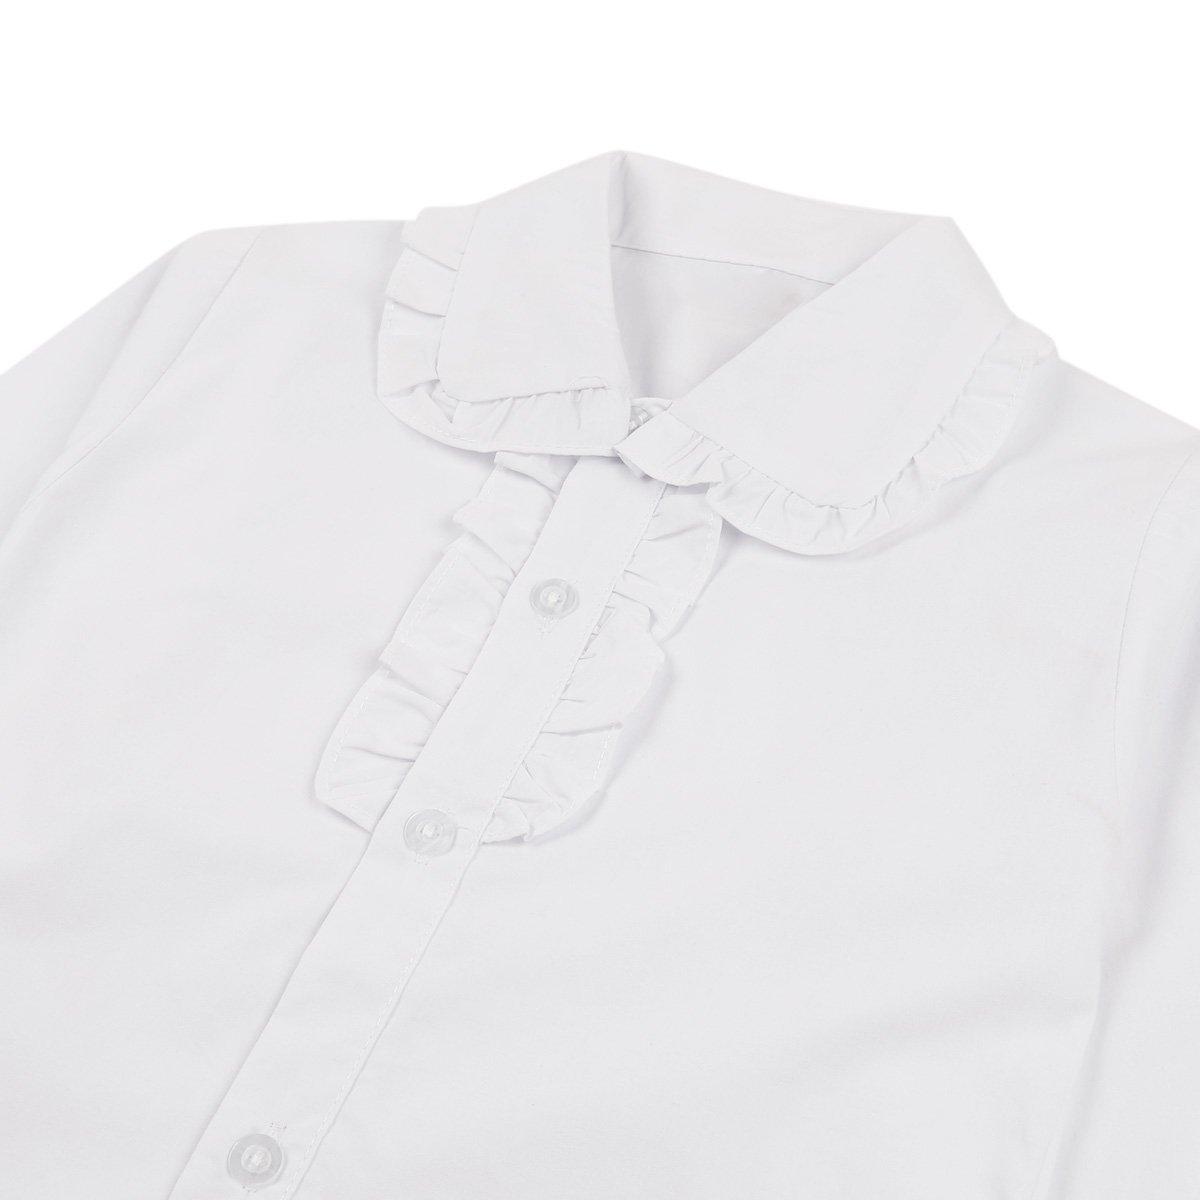 dPois Blusa Mangas Largas para Niños Niñas Camisa Blanca Oxford Top Uniforme Escolar Algodón Ropa Otoño Invierno 4-13 Años Blanco 4-5 Años: Amazon.es: Ropa y accesorios